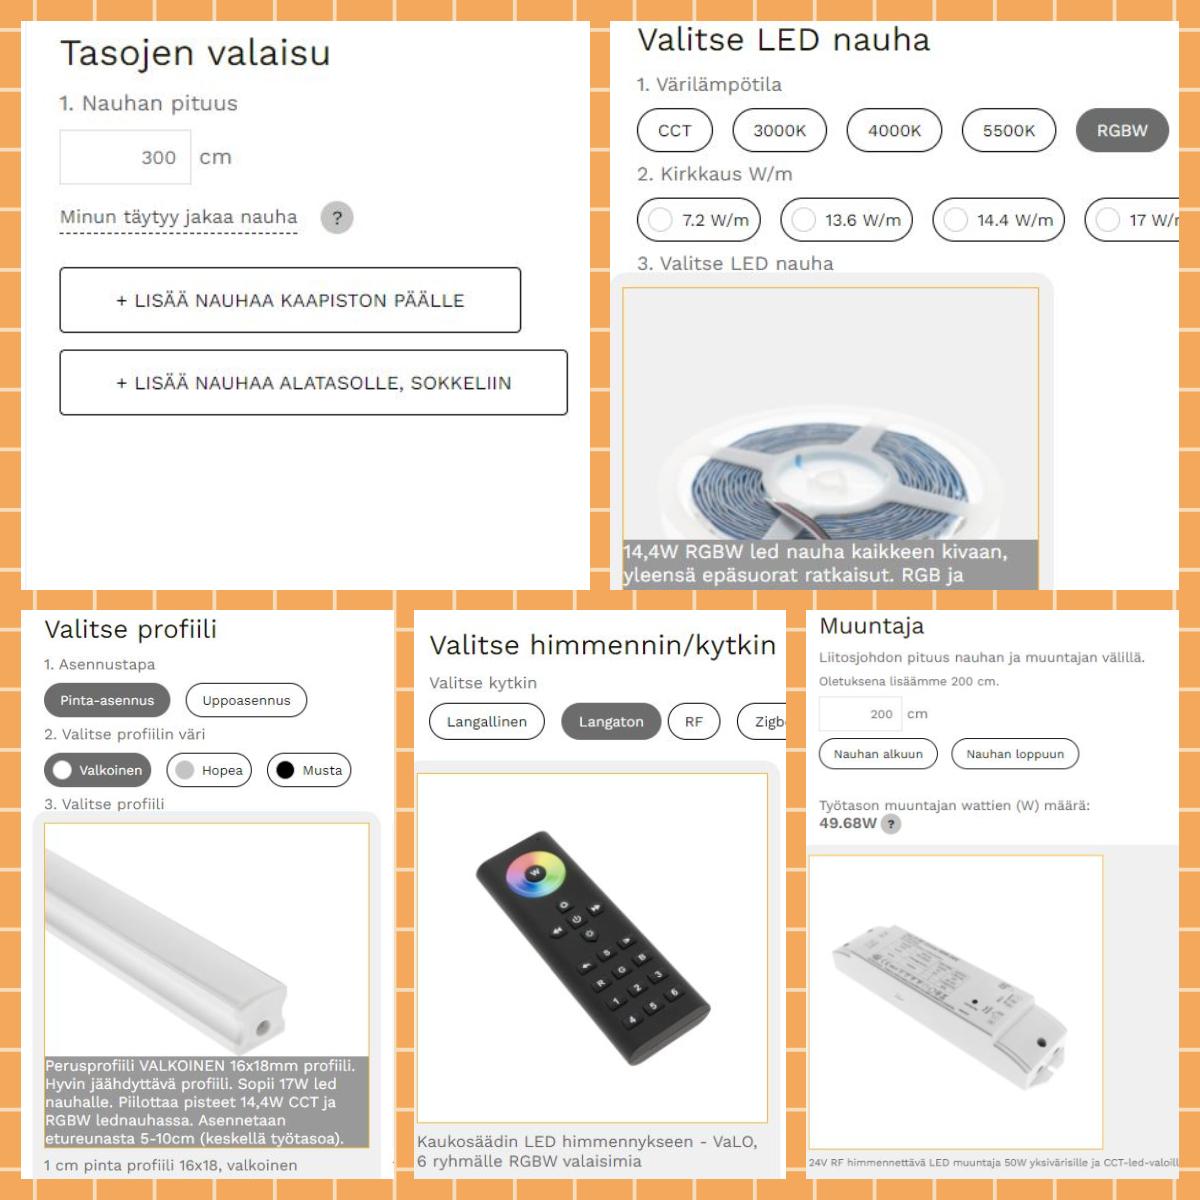 Kuva 3. Laskurissa valitaan tason pituus, led-nauha, alumiiniprofiili ja käyttötapa, jolloin laskuri antaa tähän sopivan muuntajan.